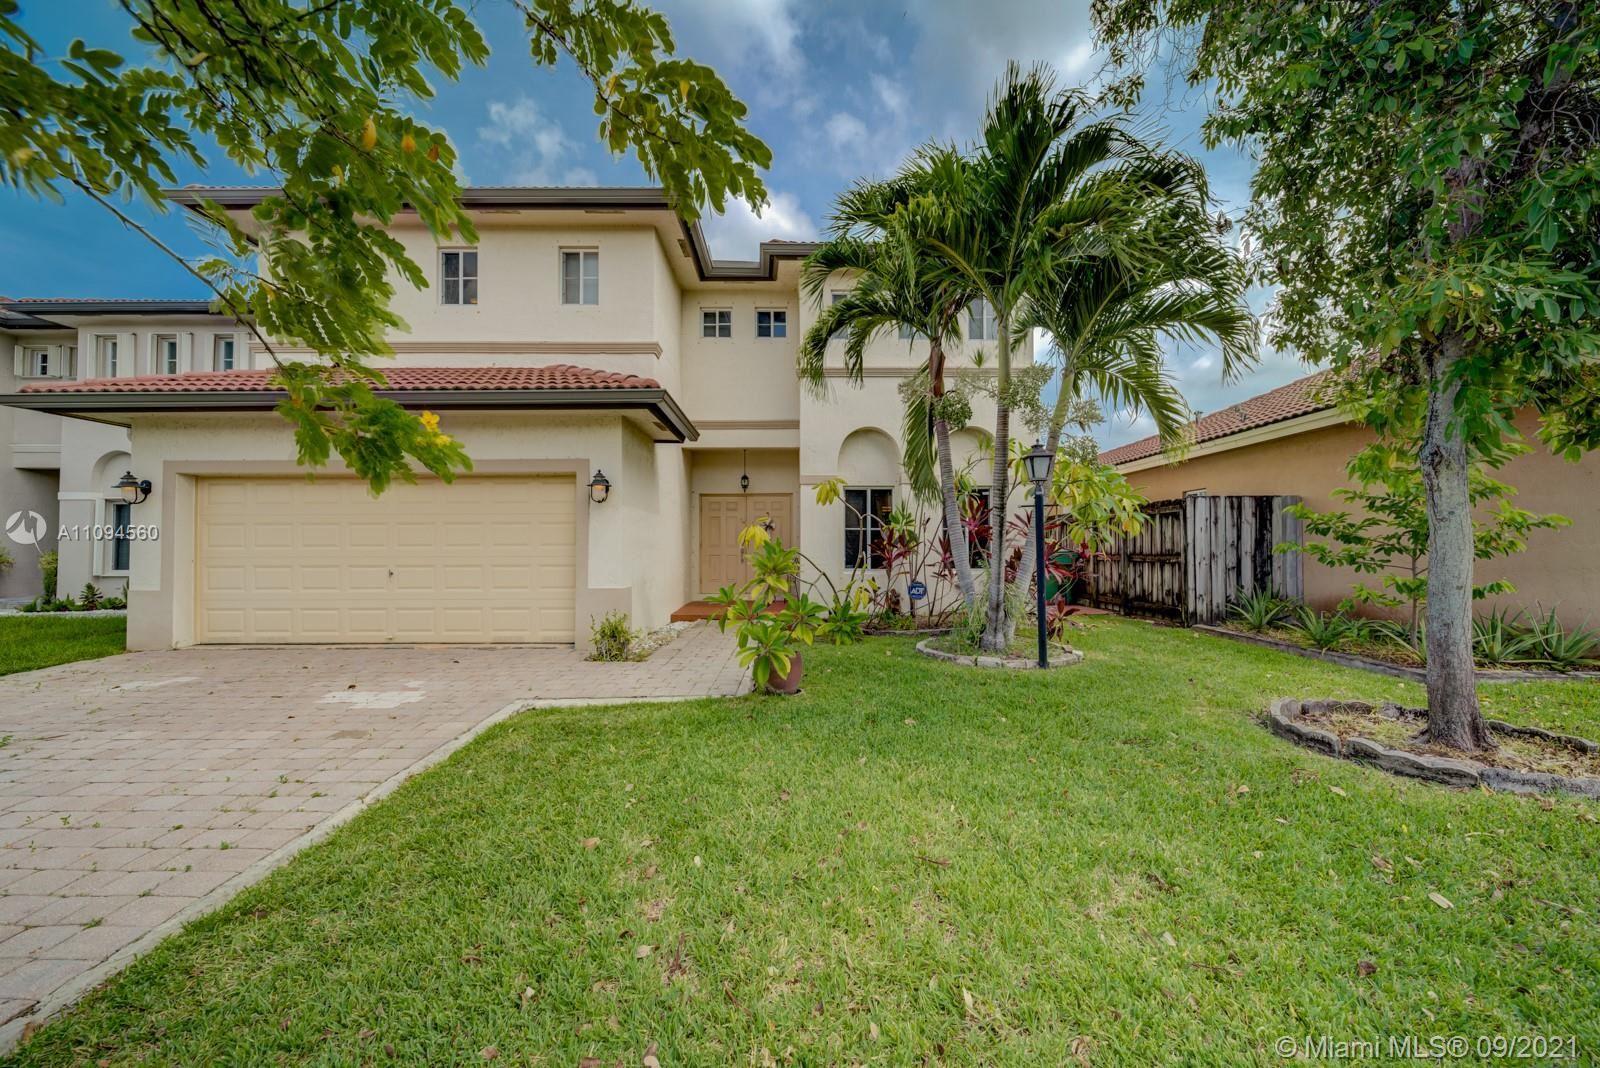 13733 SW 124th Avenue Rd, Miami, FL 33186 - #: A11094560